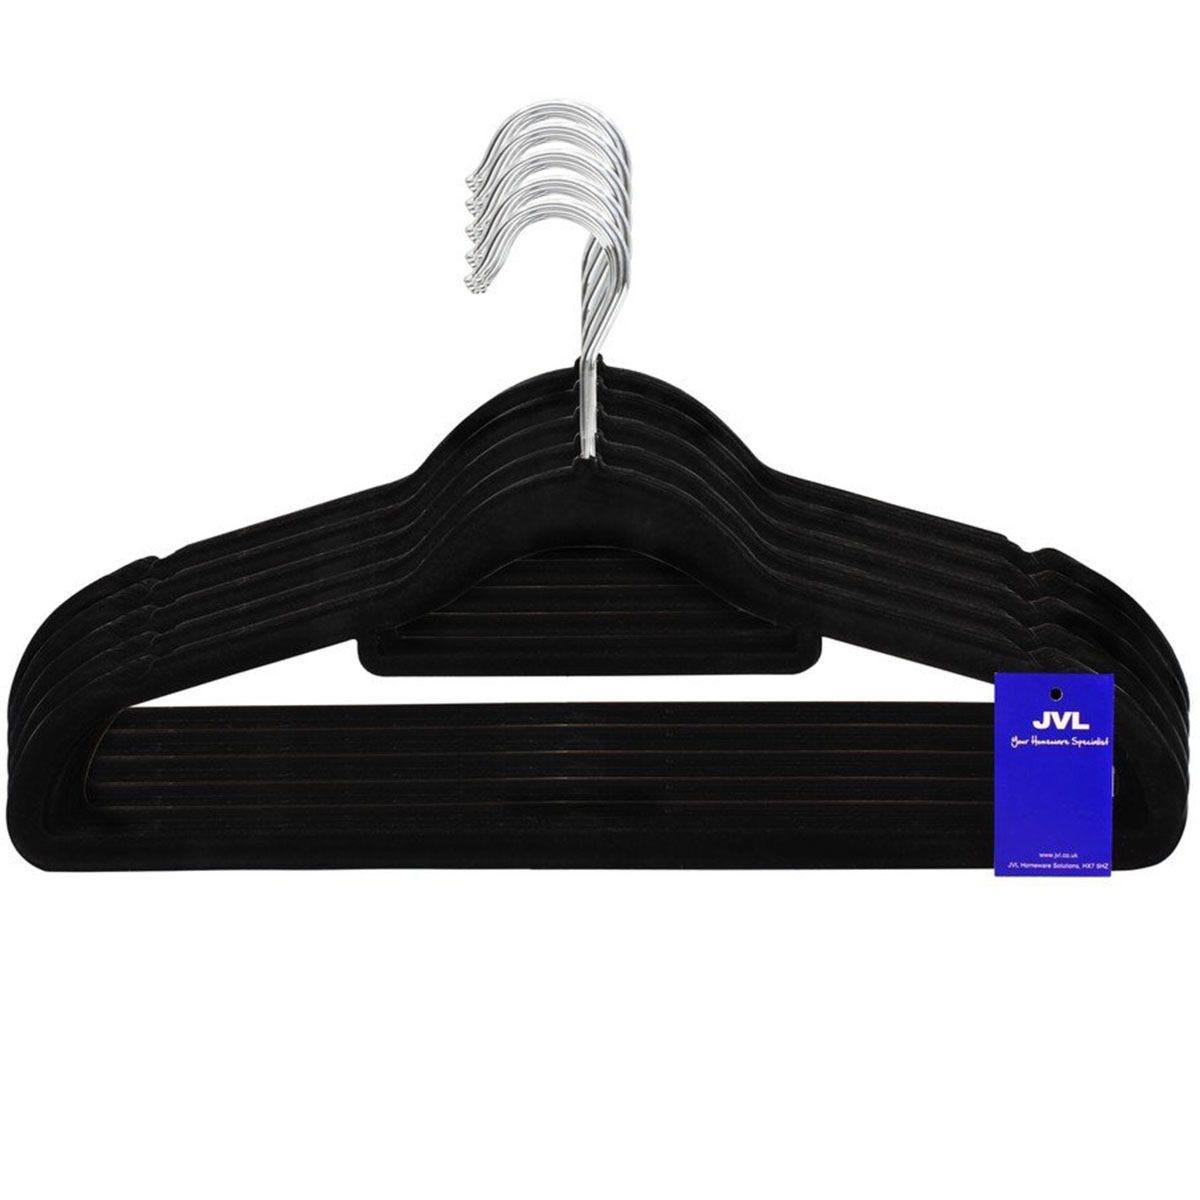 JVL Black Velvet Touch Non-Slip Medium Coat Hangers - Pack of 50